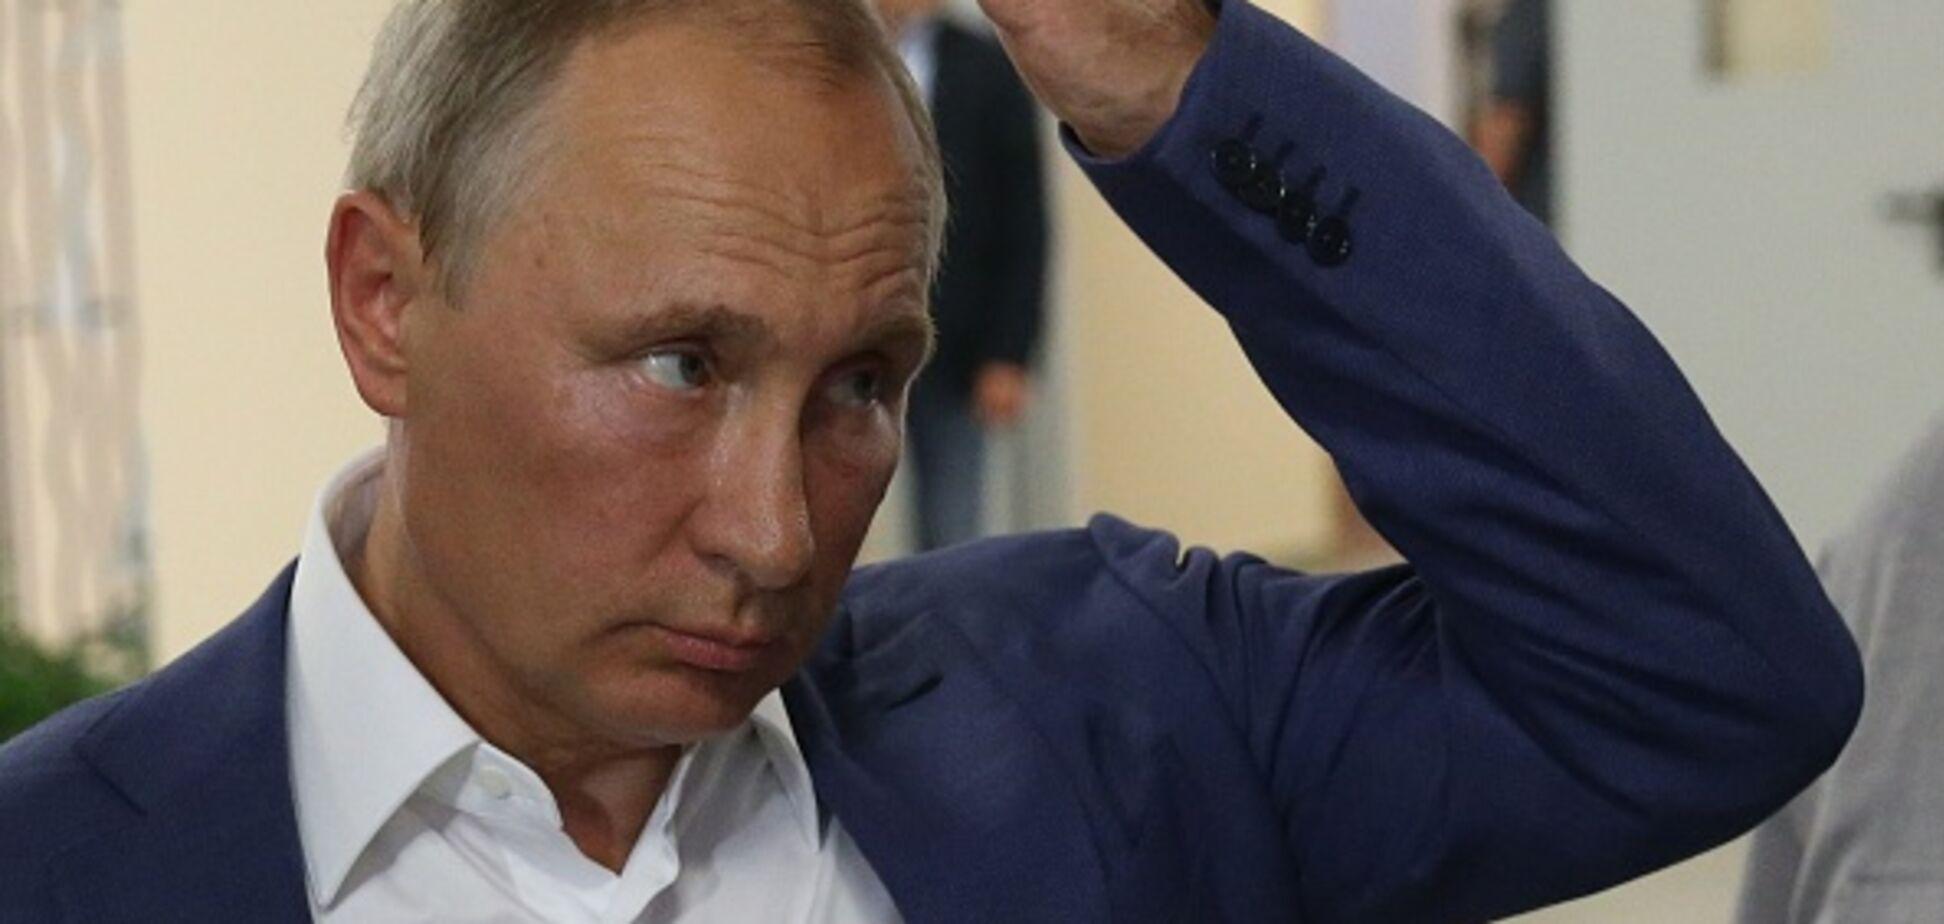 В кабинете Путина чиновнику пришлось поджимать ноги: смешное фото